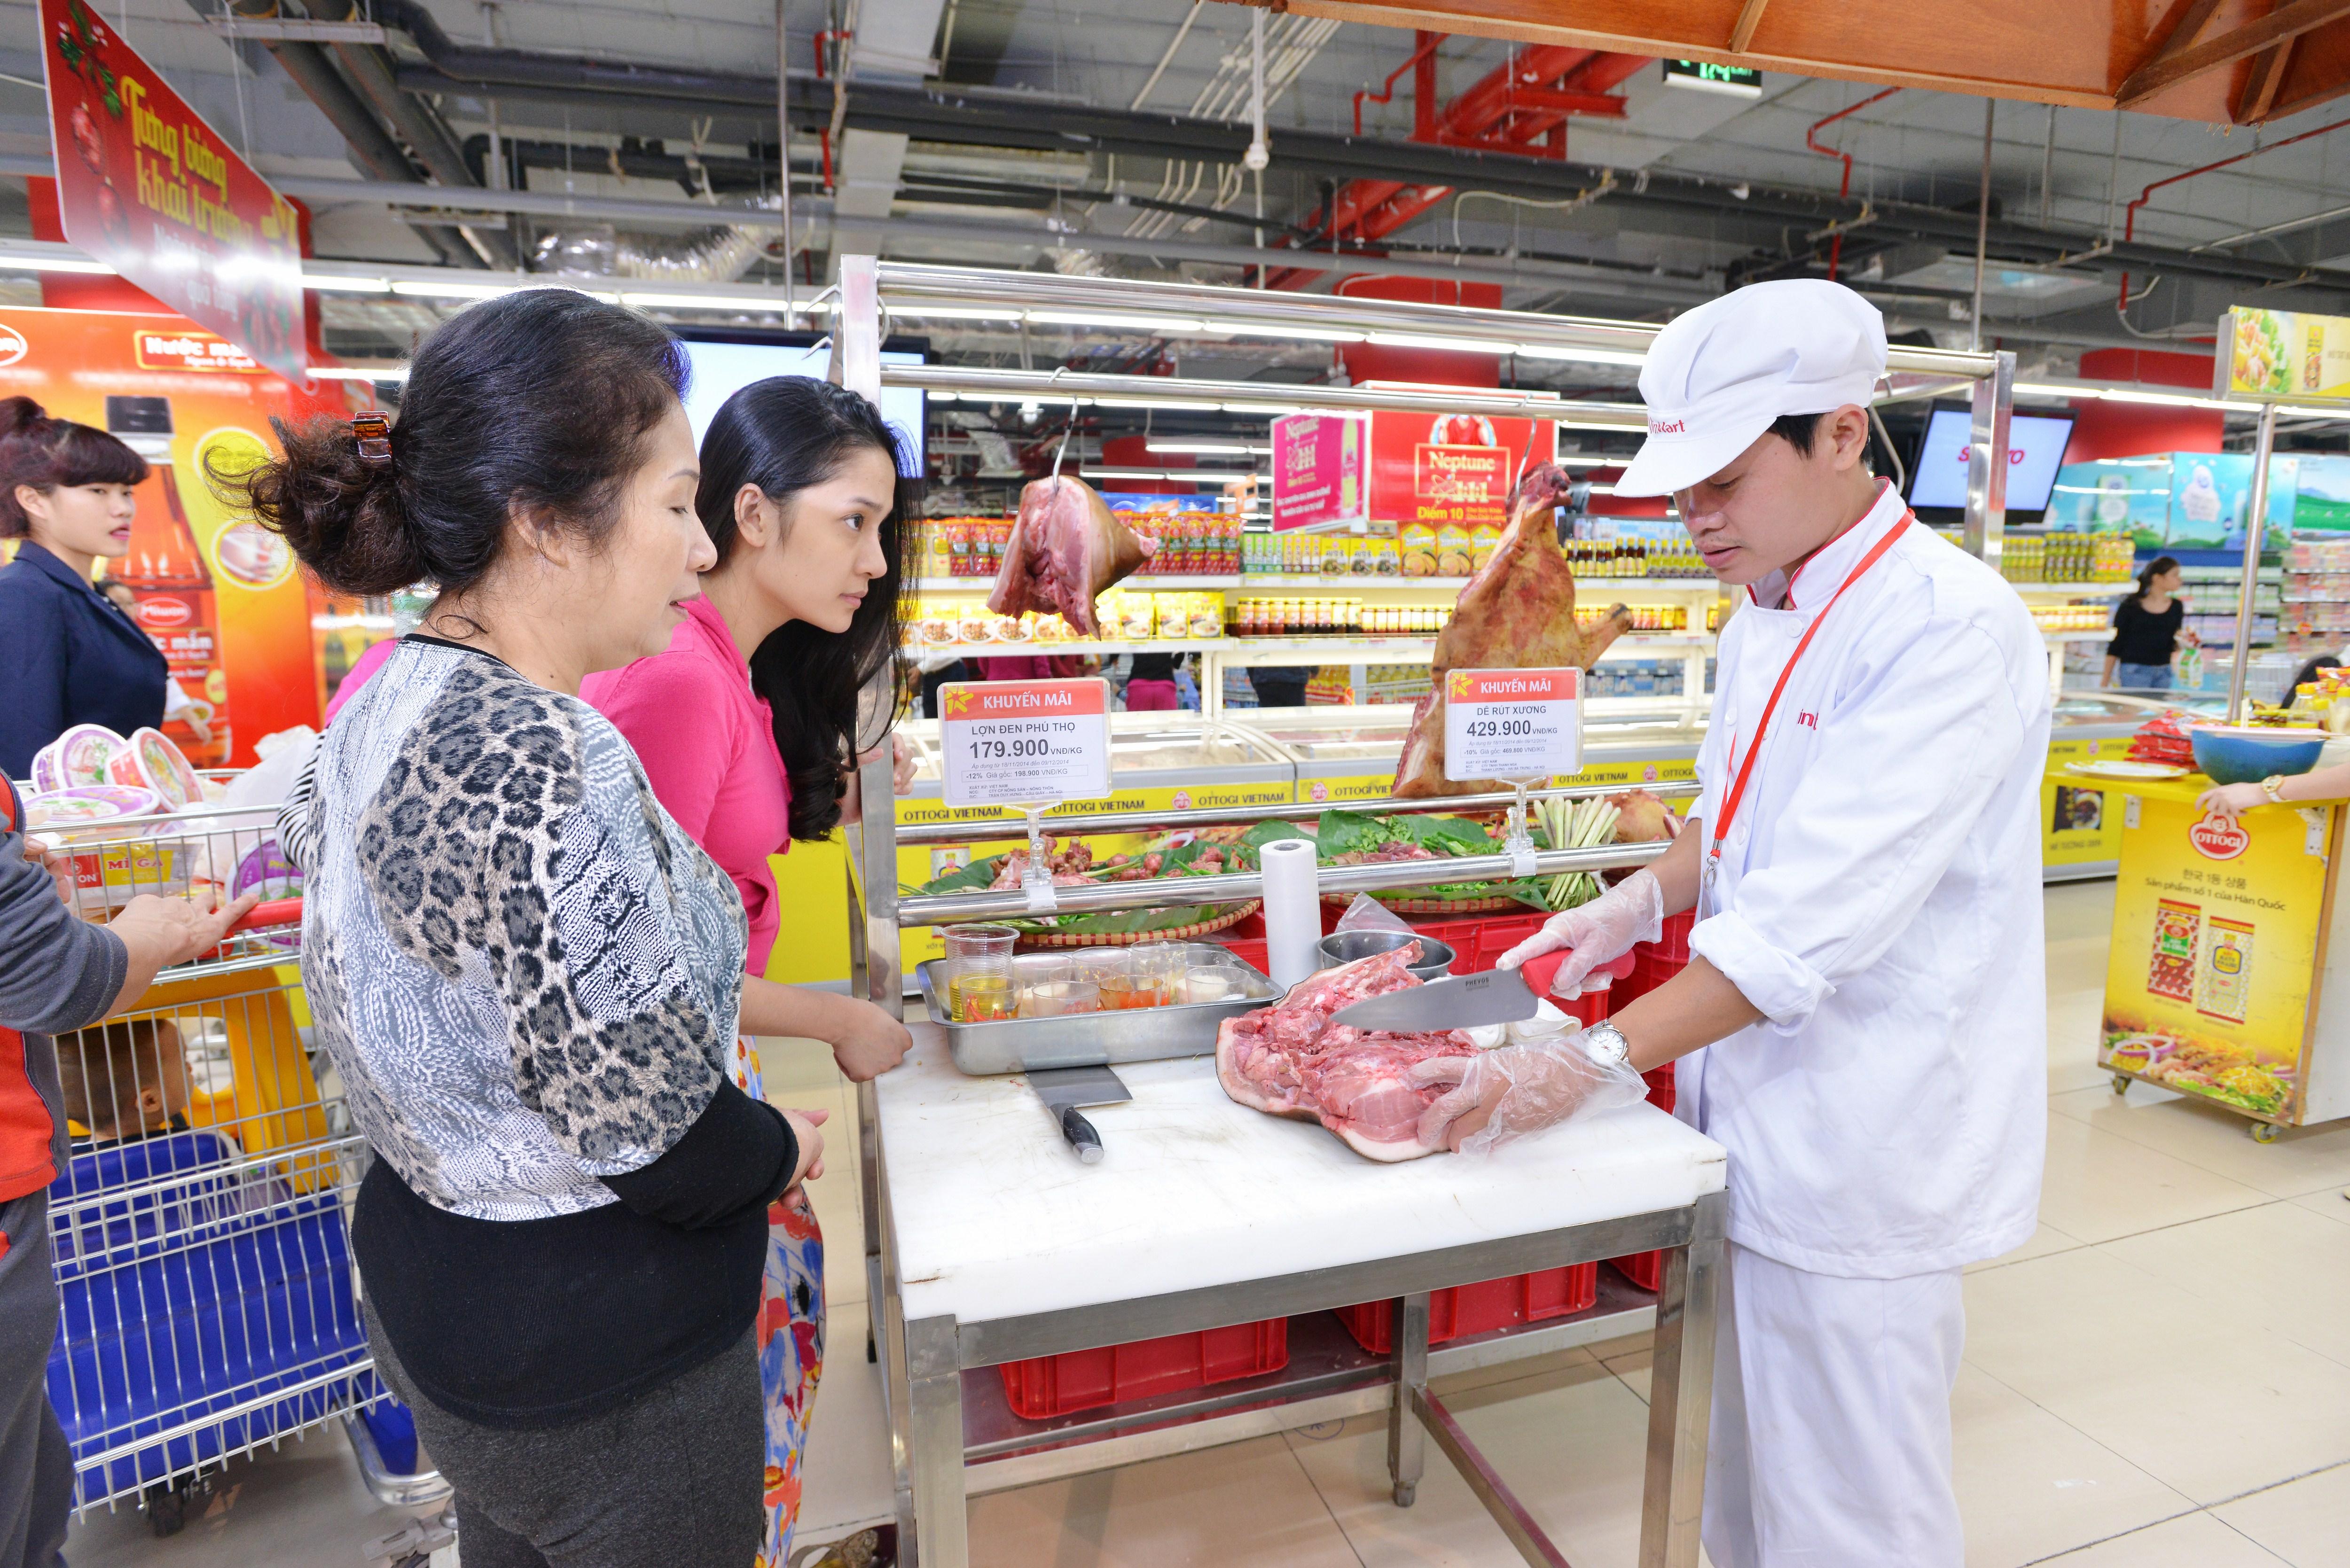 Vingroup bao cấp 1 năm cho thực phẩm tươi sống sạch vào siêu thị.